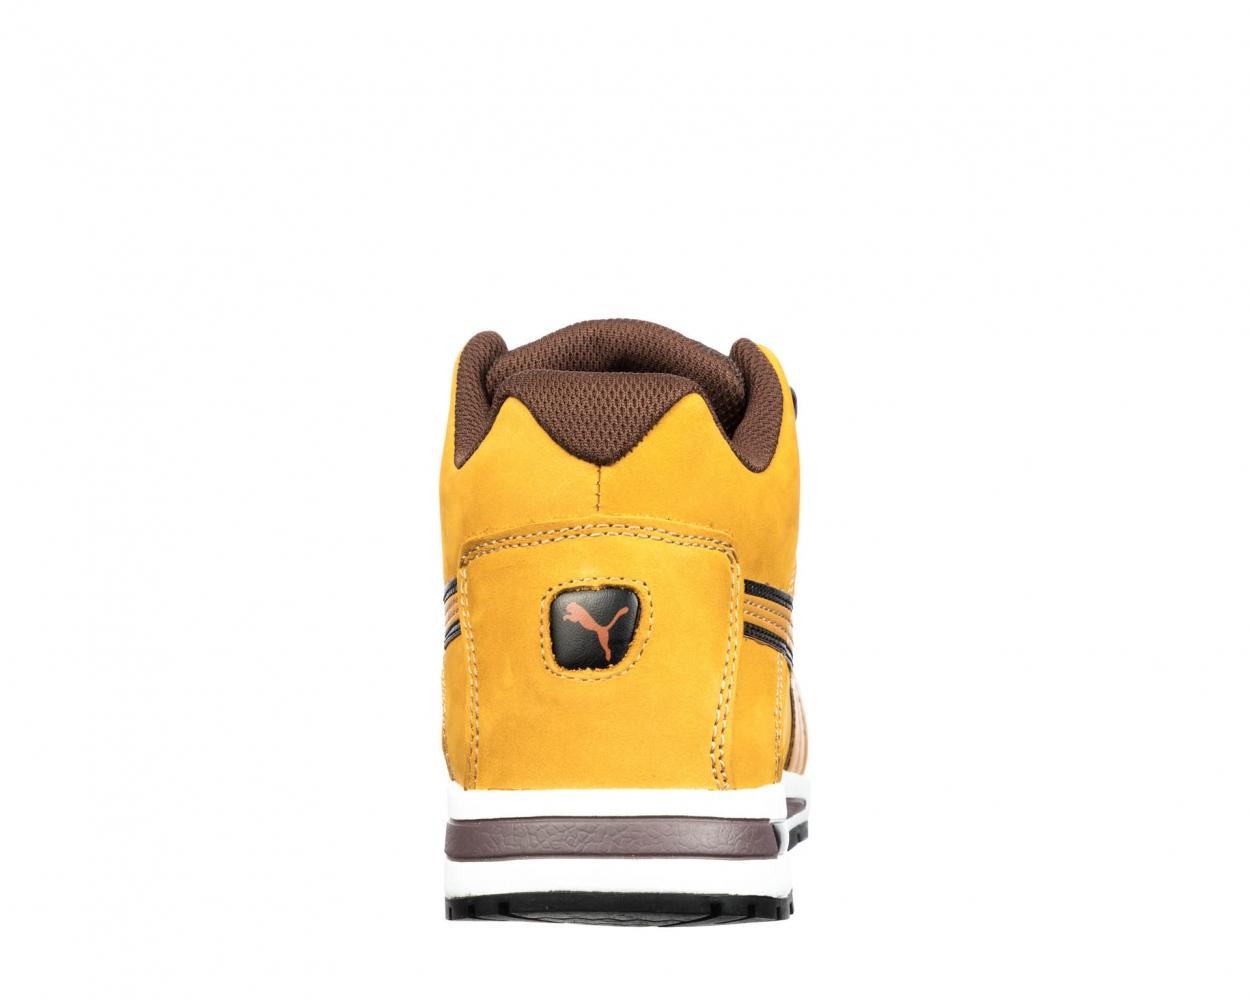 d31e8395acf Puma 633180 DASH WHEAT MID Urban Protect High safety shoes S3 HRO ...